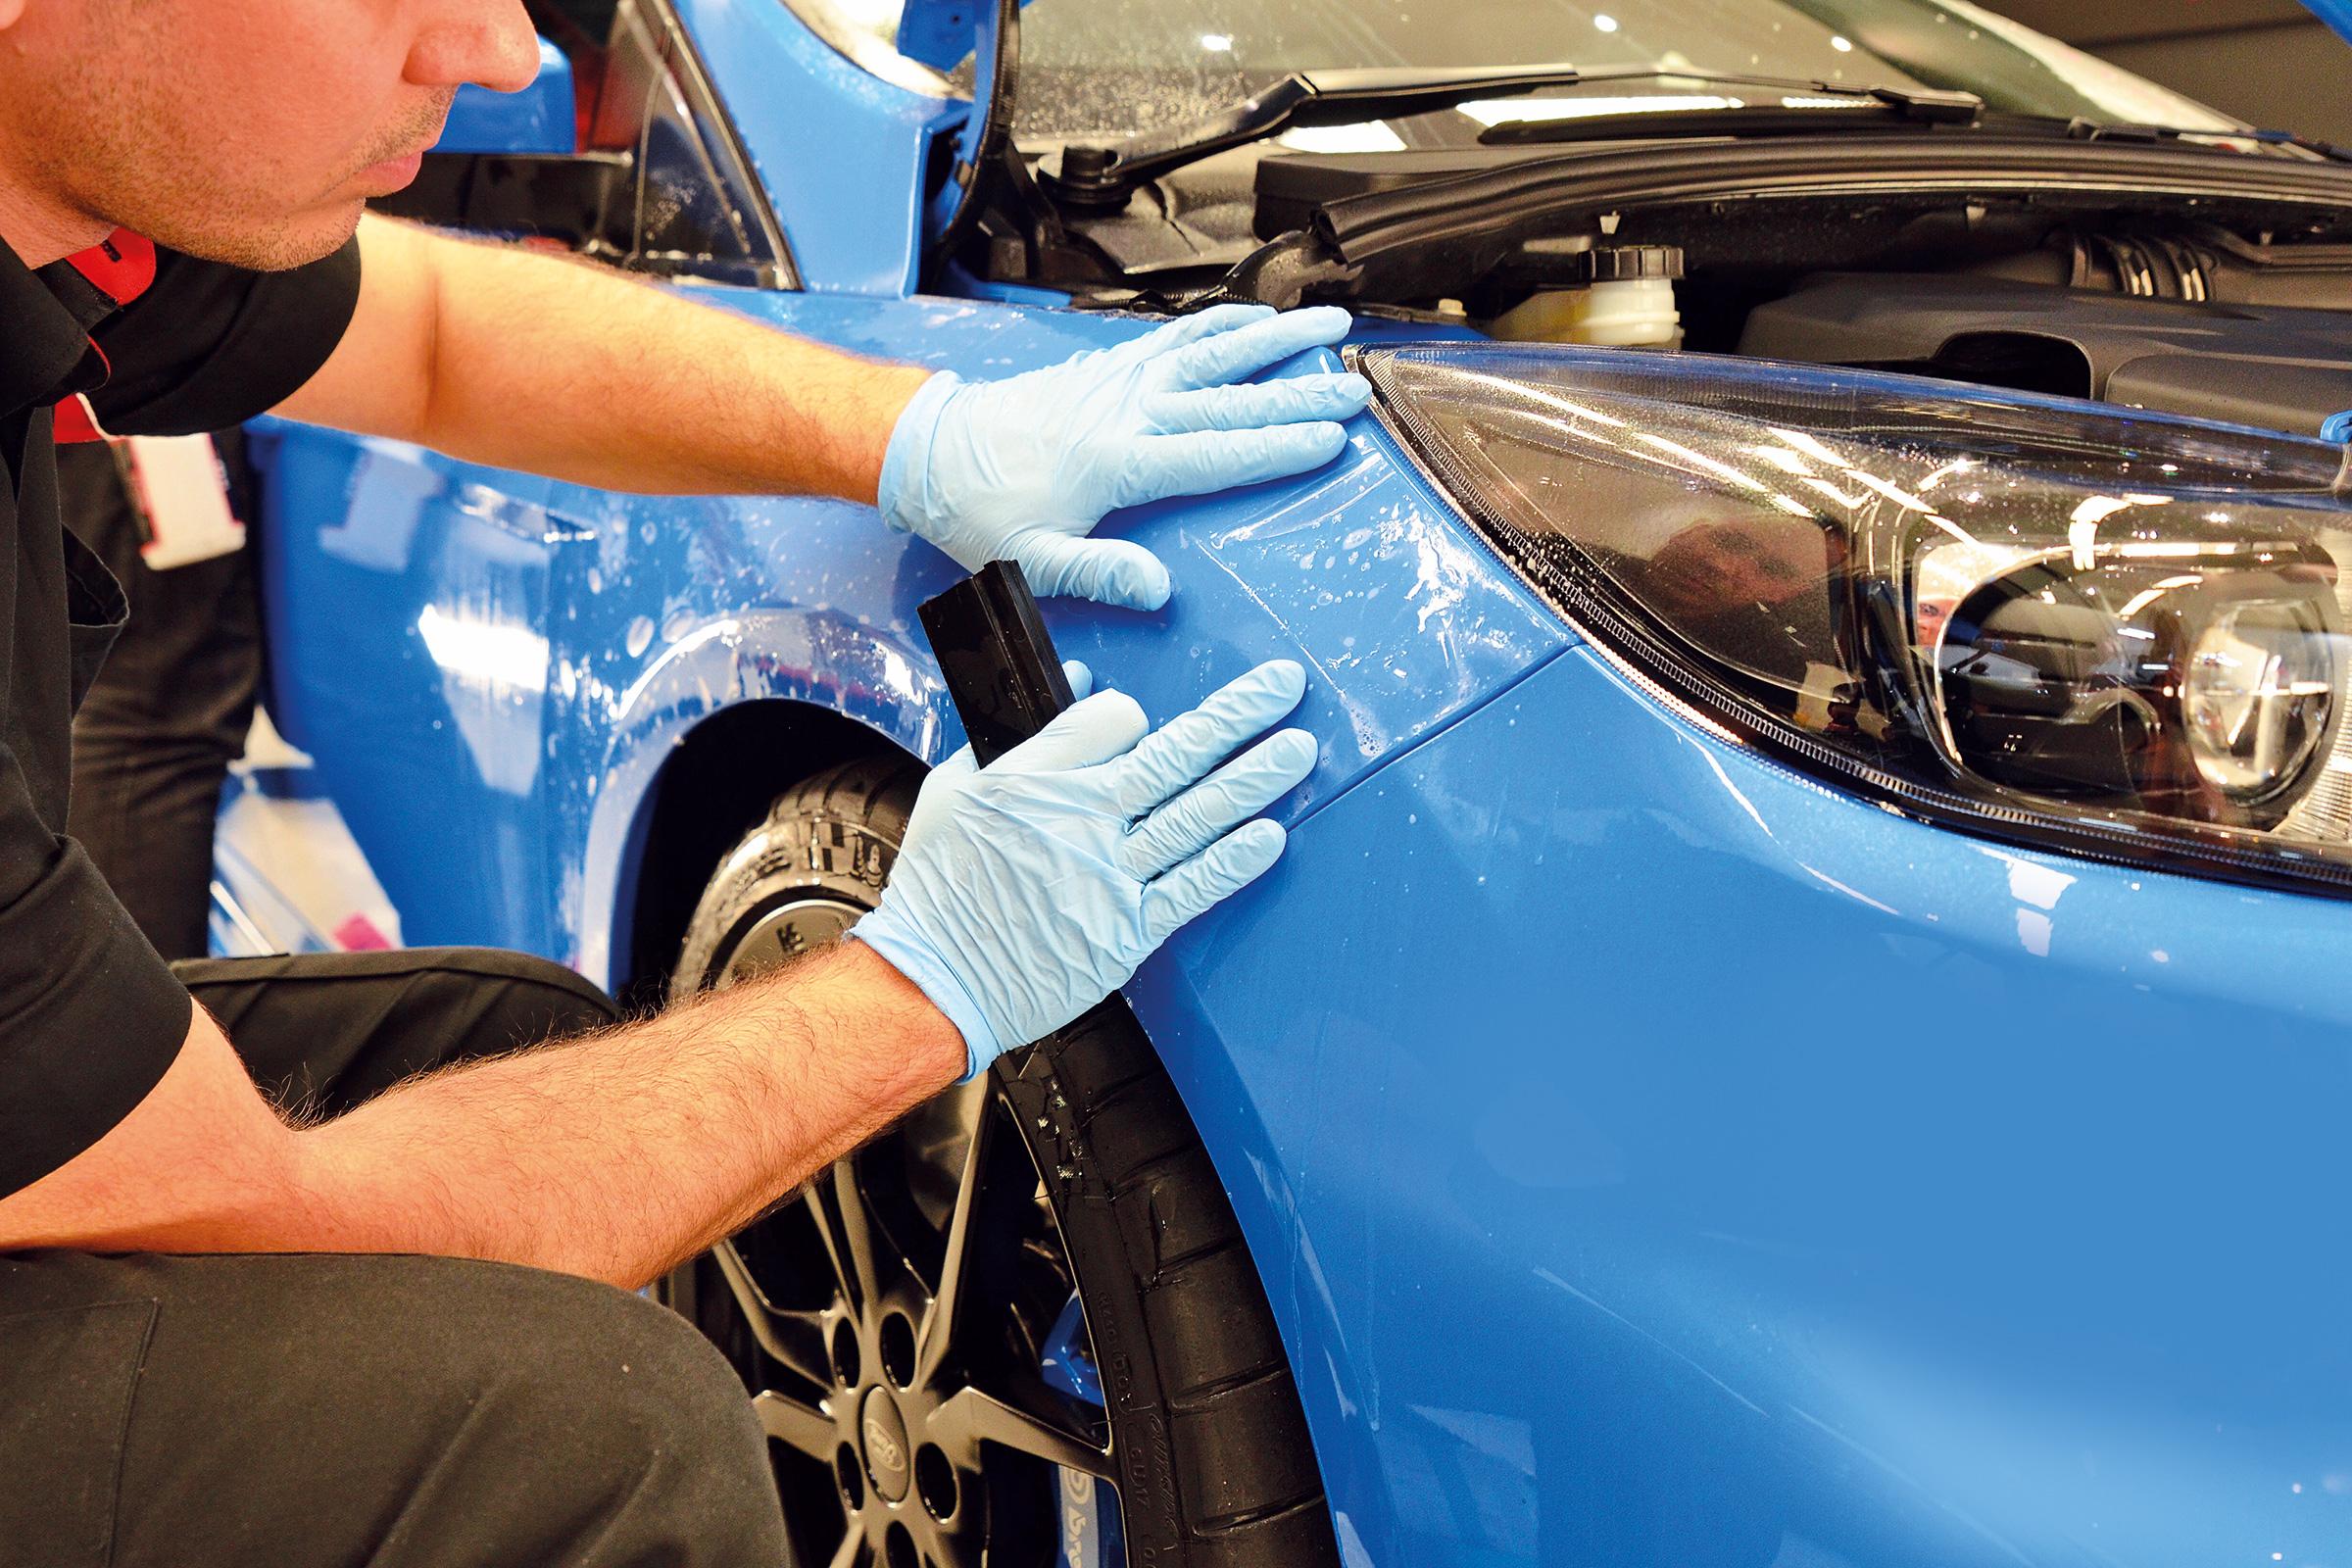 كيف تحمي طلاء سيارتك من الخدوش Image